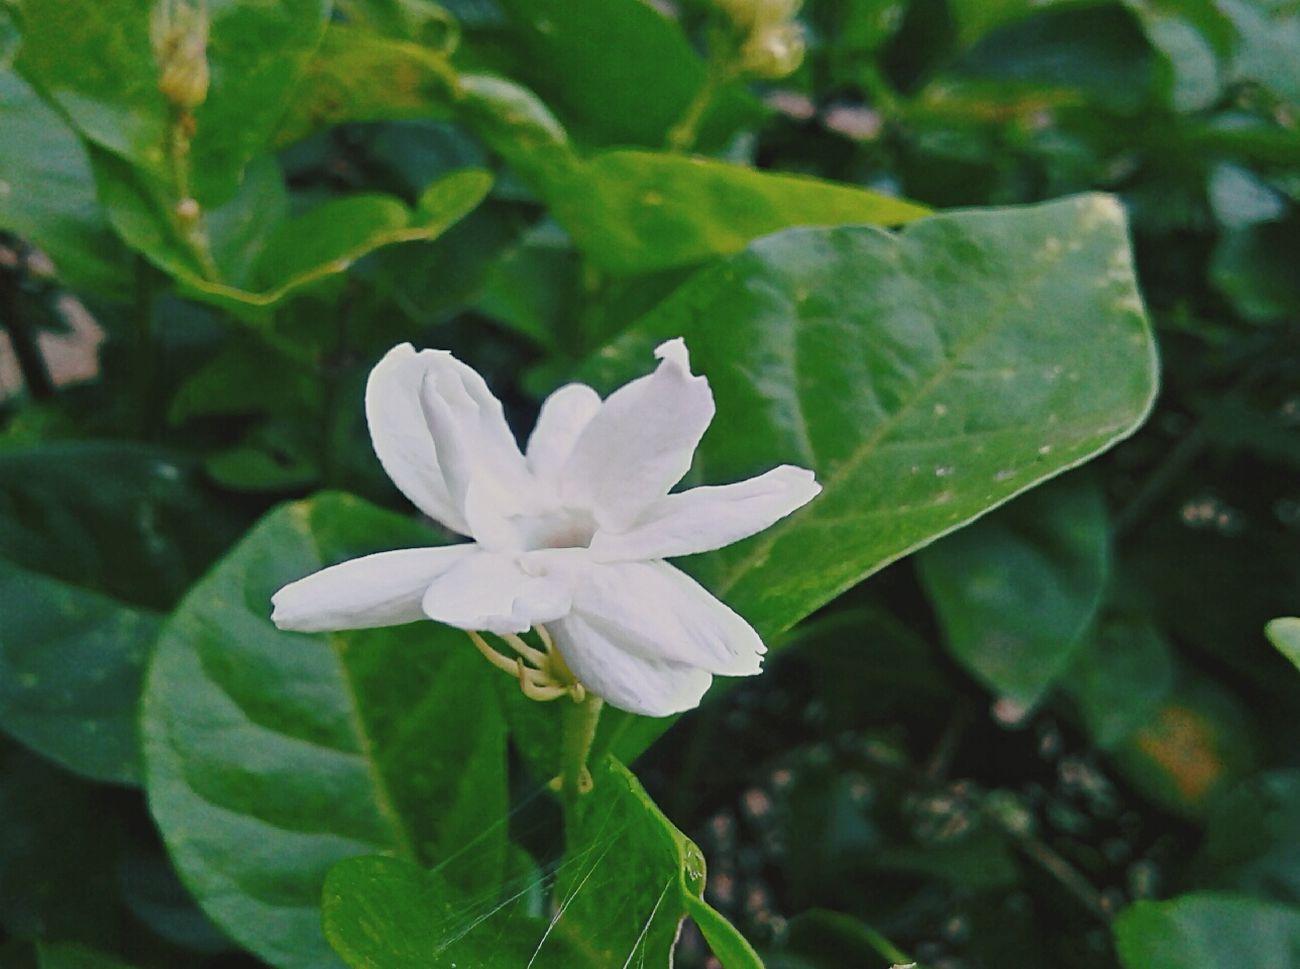 Jasmine Jasmine Flower Flower Leafs 🍃 Green White Plants 🌱